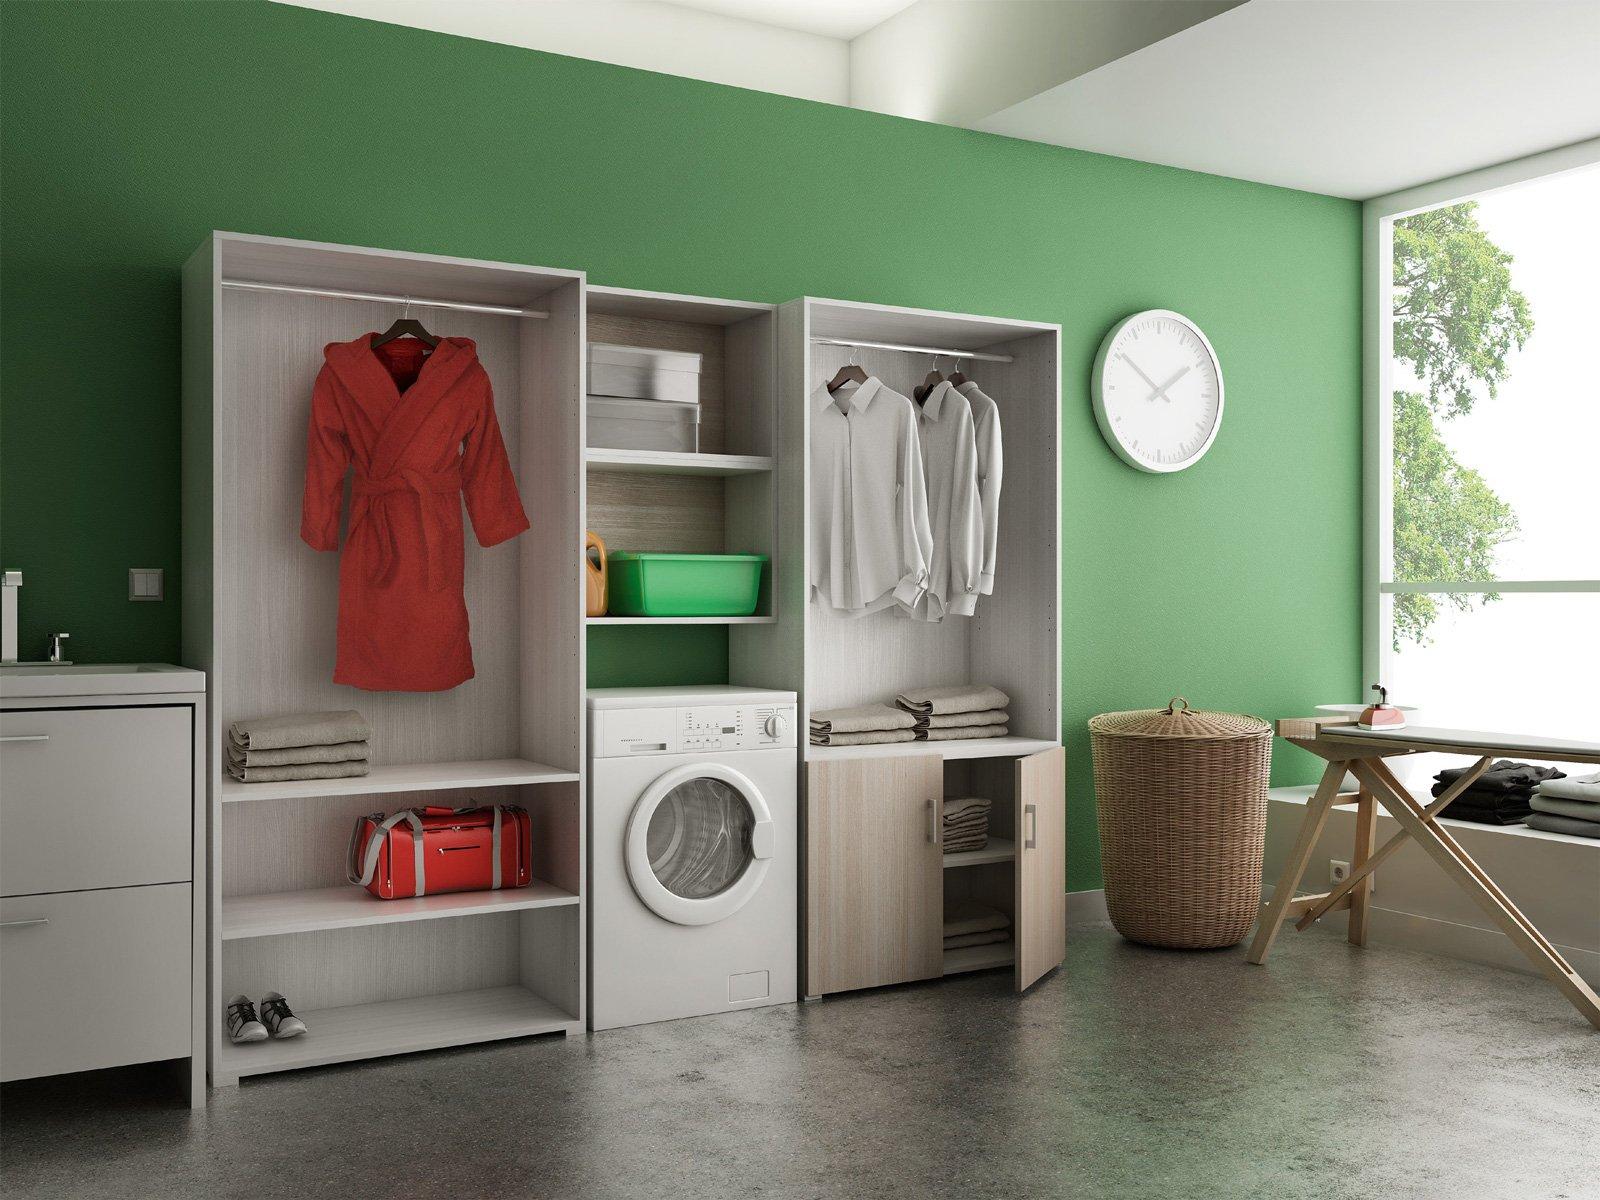 Lavanderia stireria tutto quel che serve cose di casa